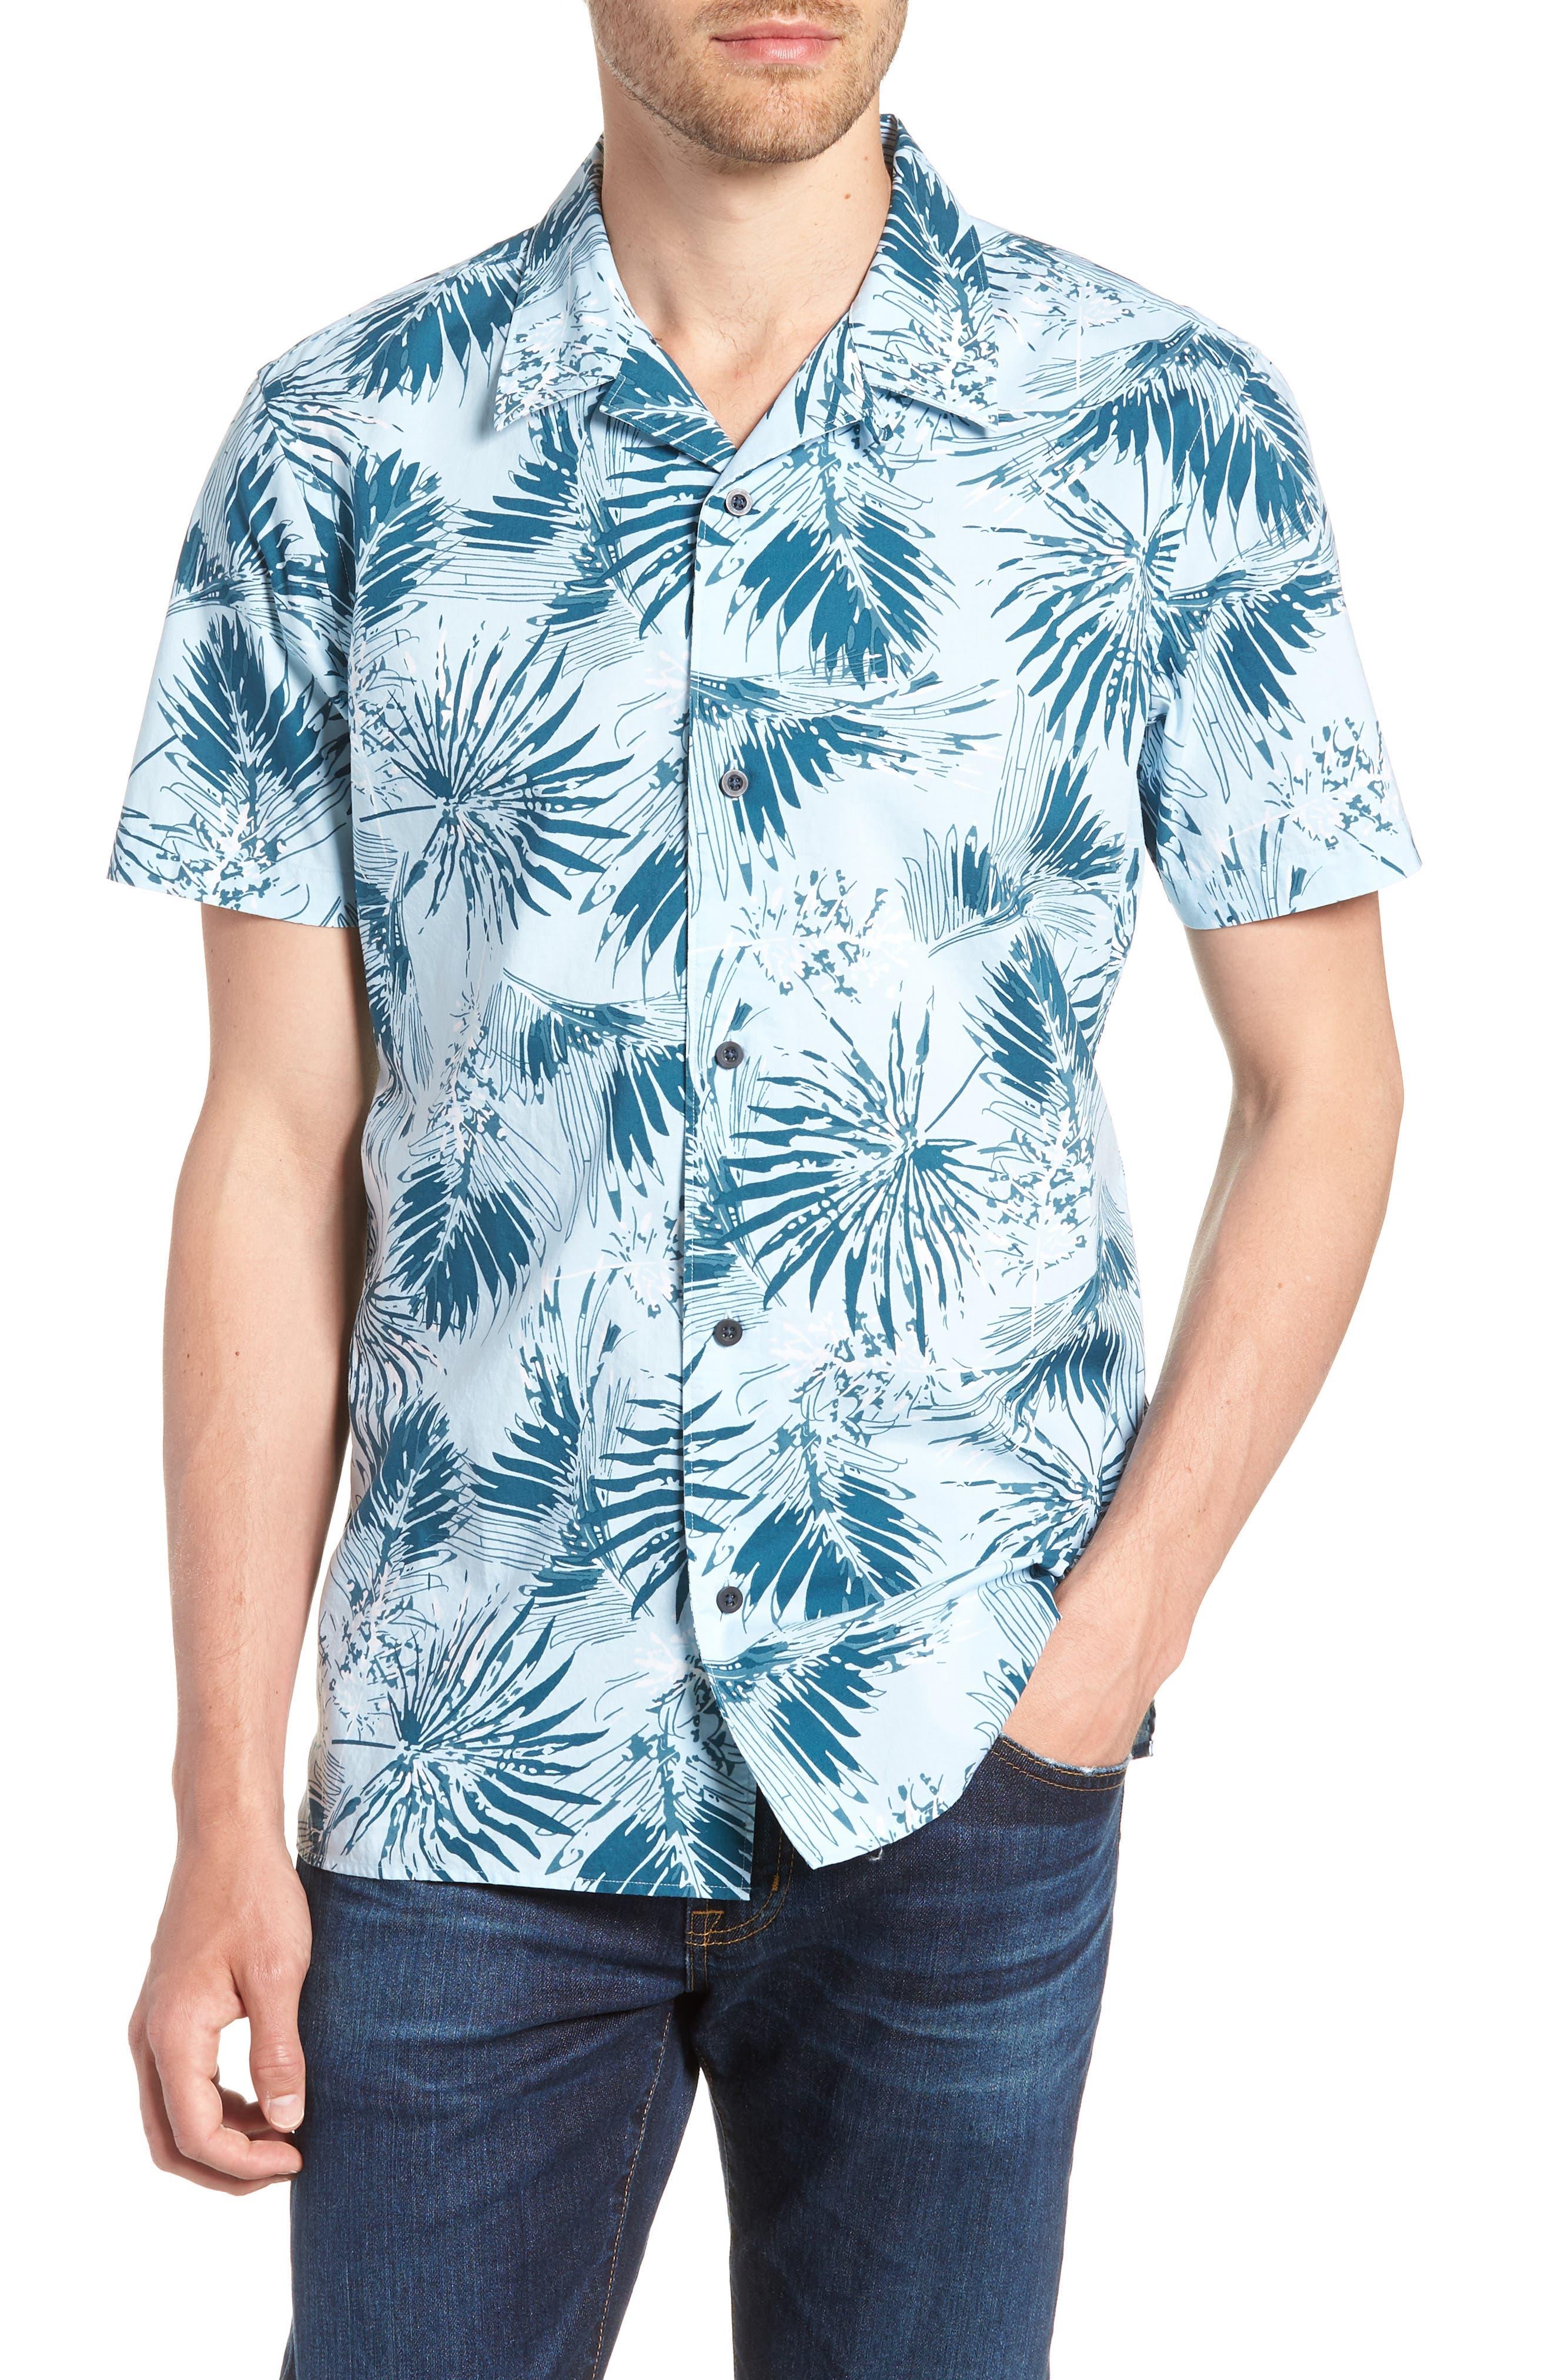 Trim Fit Palm Print Camp Shirt,                             Main thumbnail 1, color,                             Blue Cloud Fan Palms